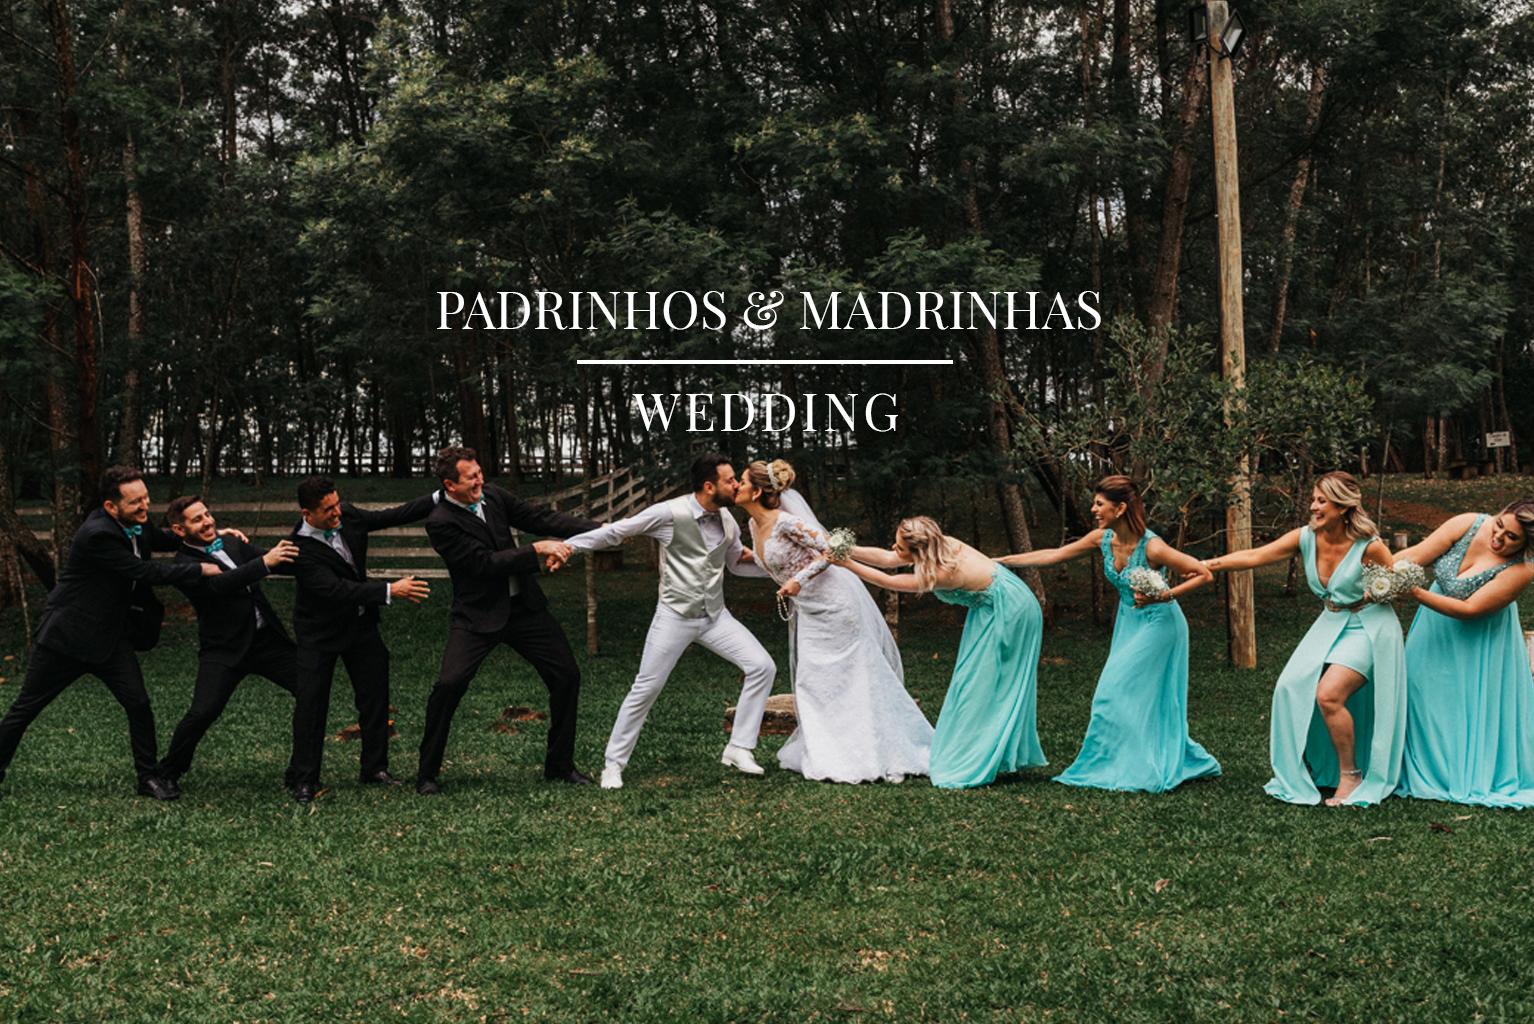 Fotos inusitadas com padrinhos e madrinhas de casamento